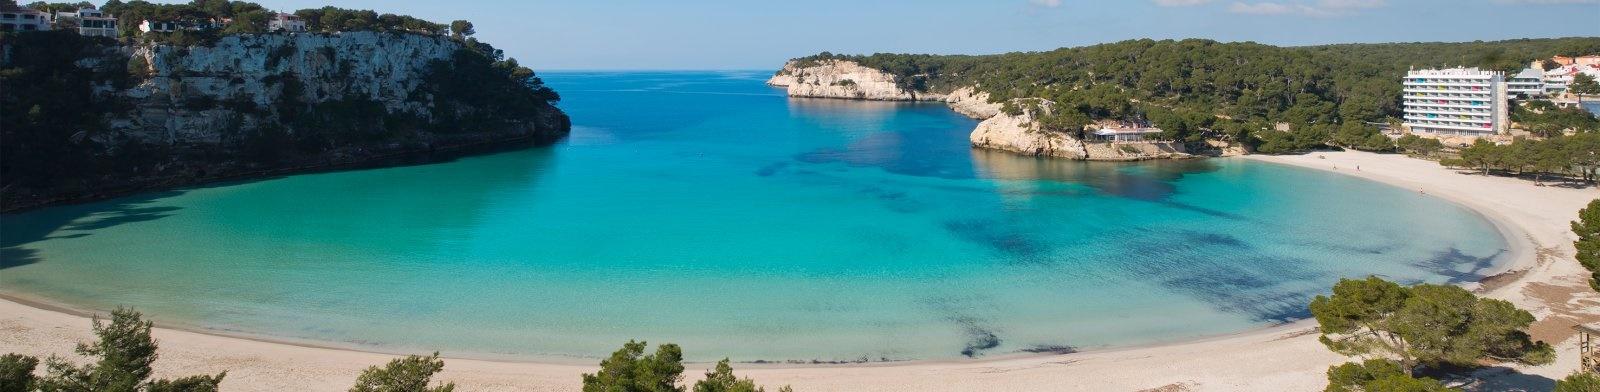 luxury Menorca